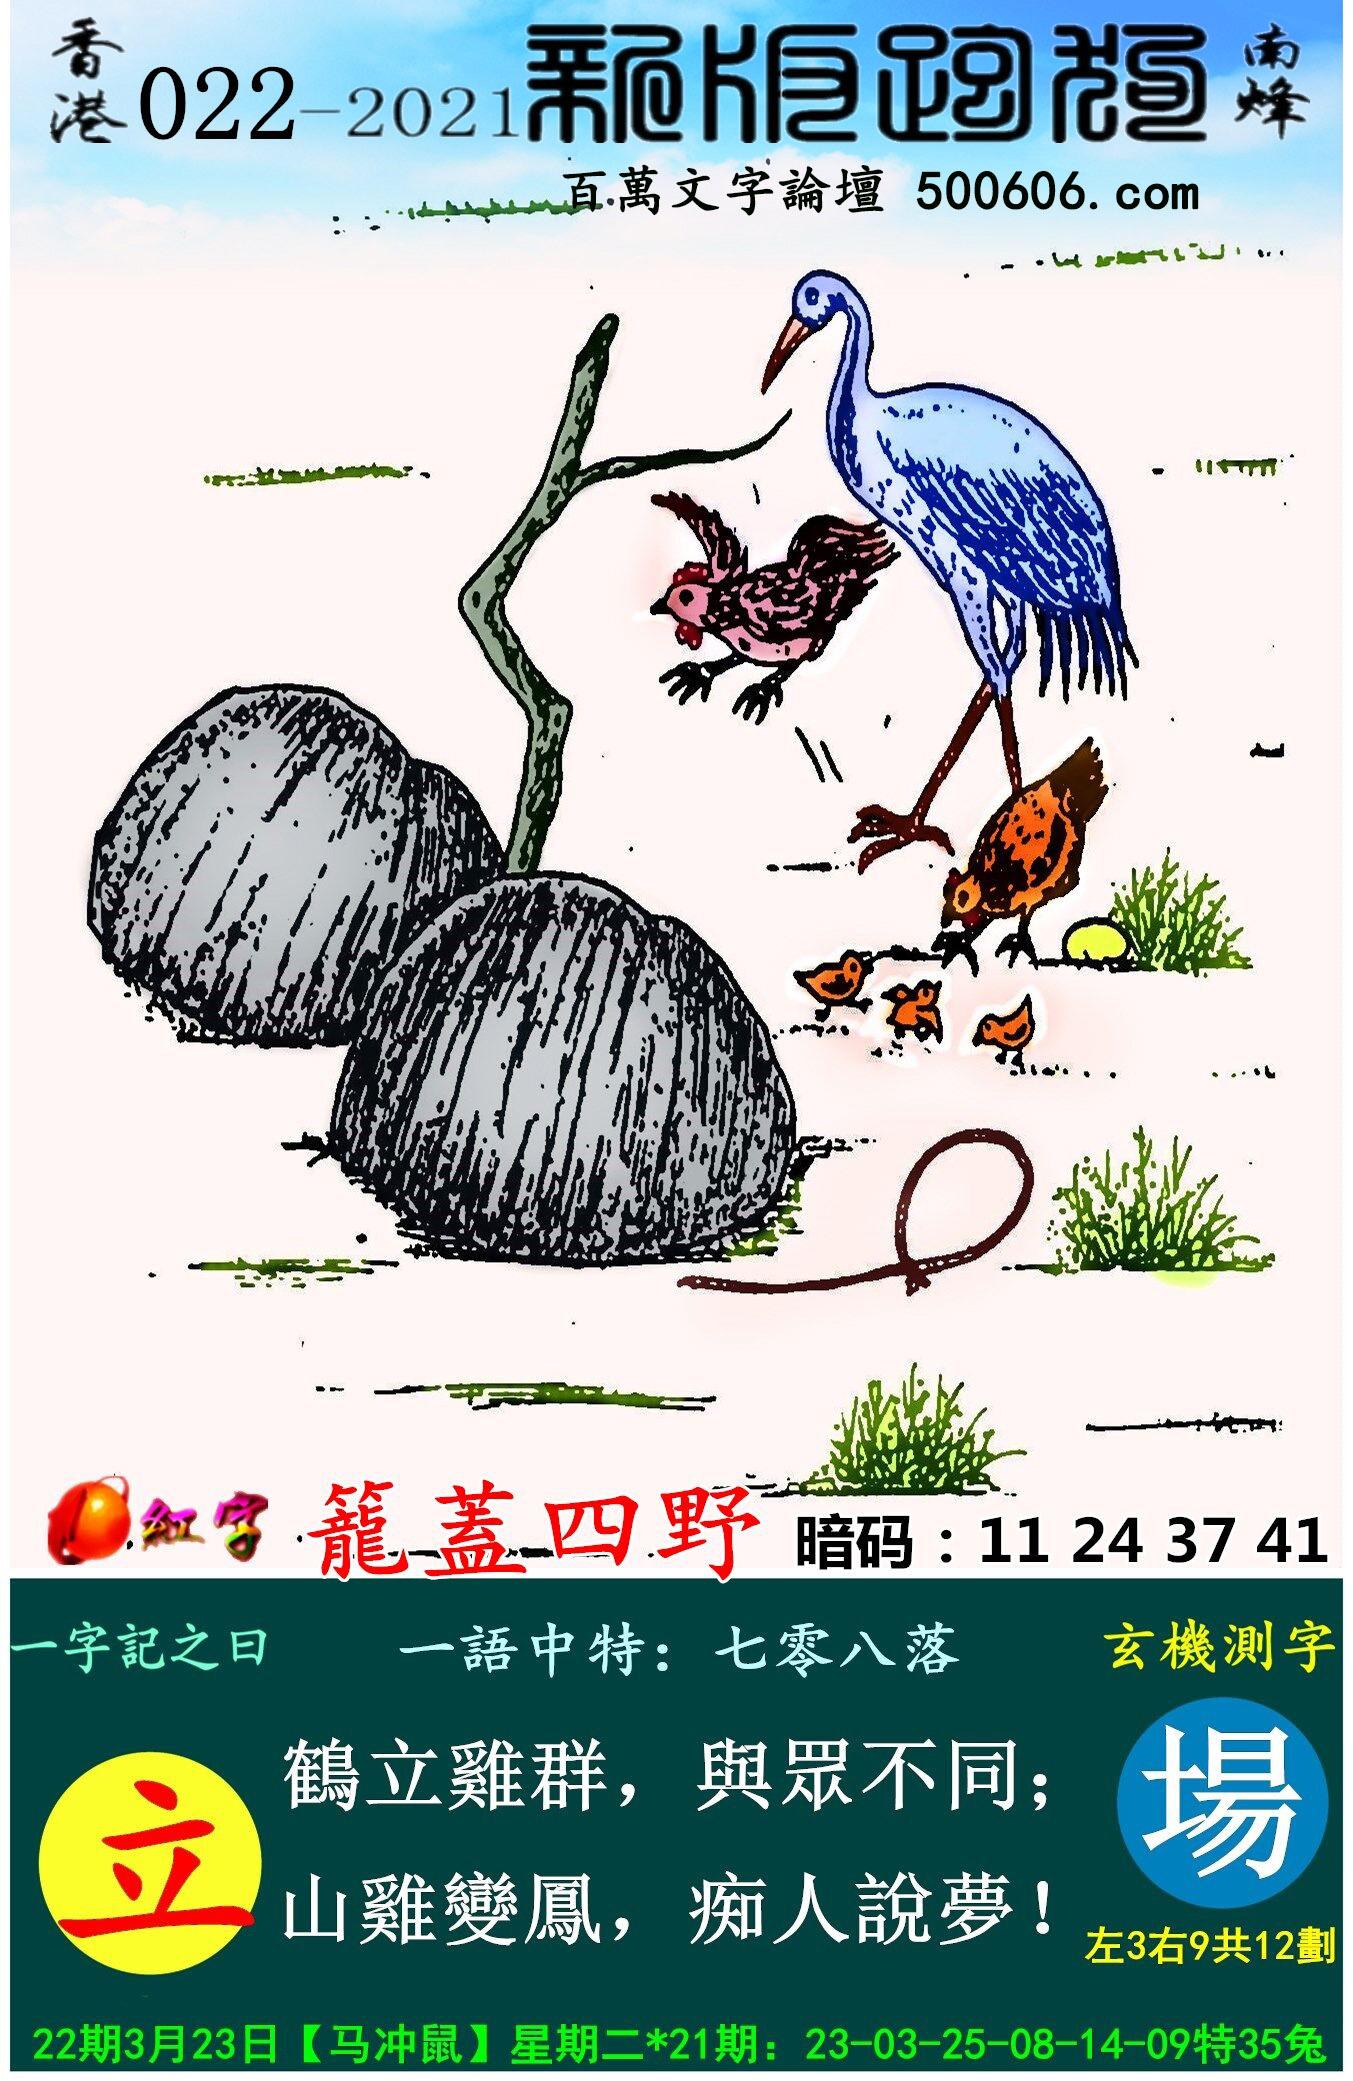 022期跑狗一字�之曰:【立】 �Q立�u群,�c�不同;山�u��P,痴人�f�簦�